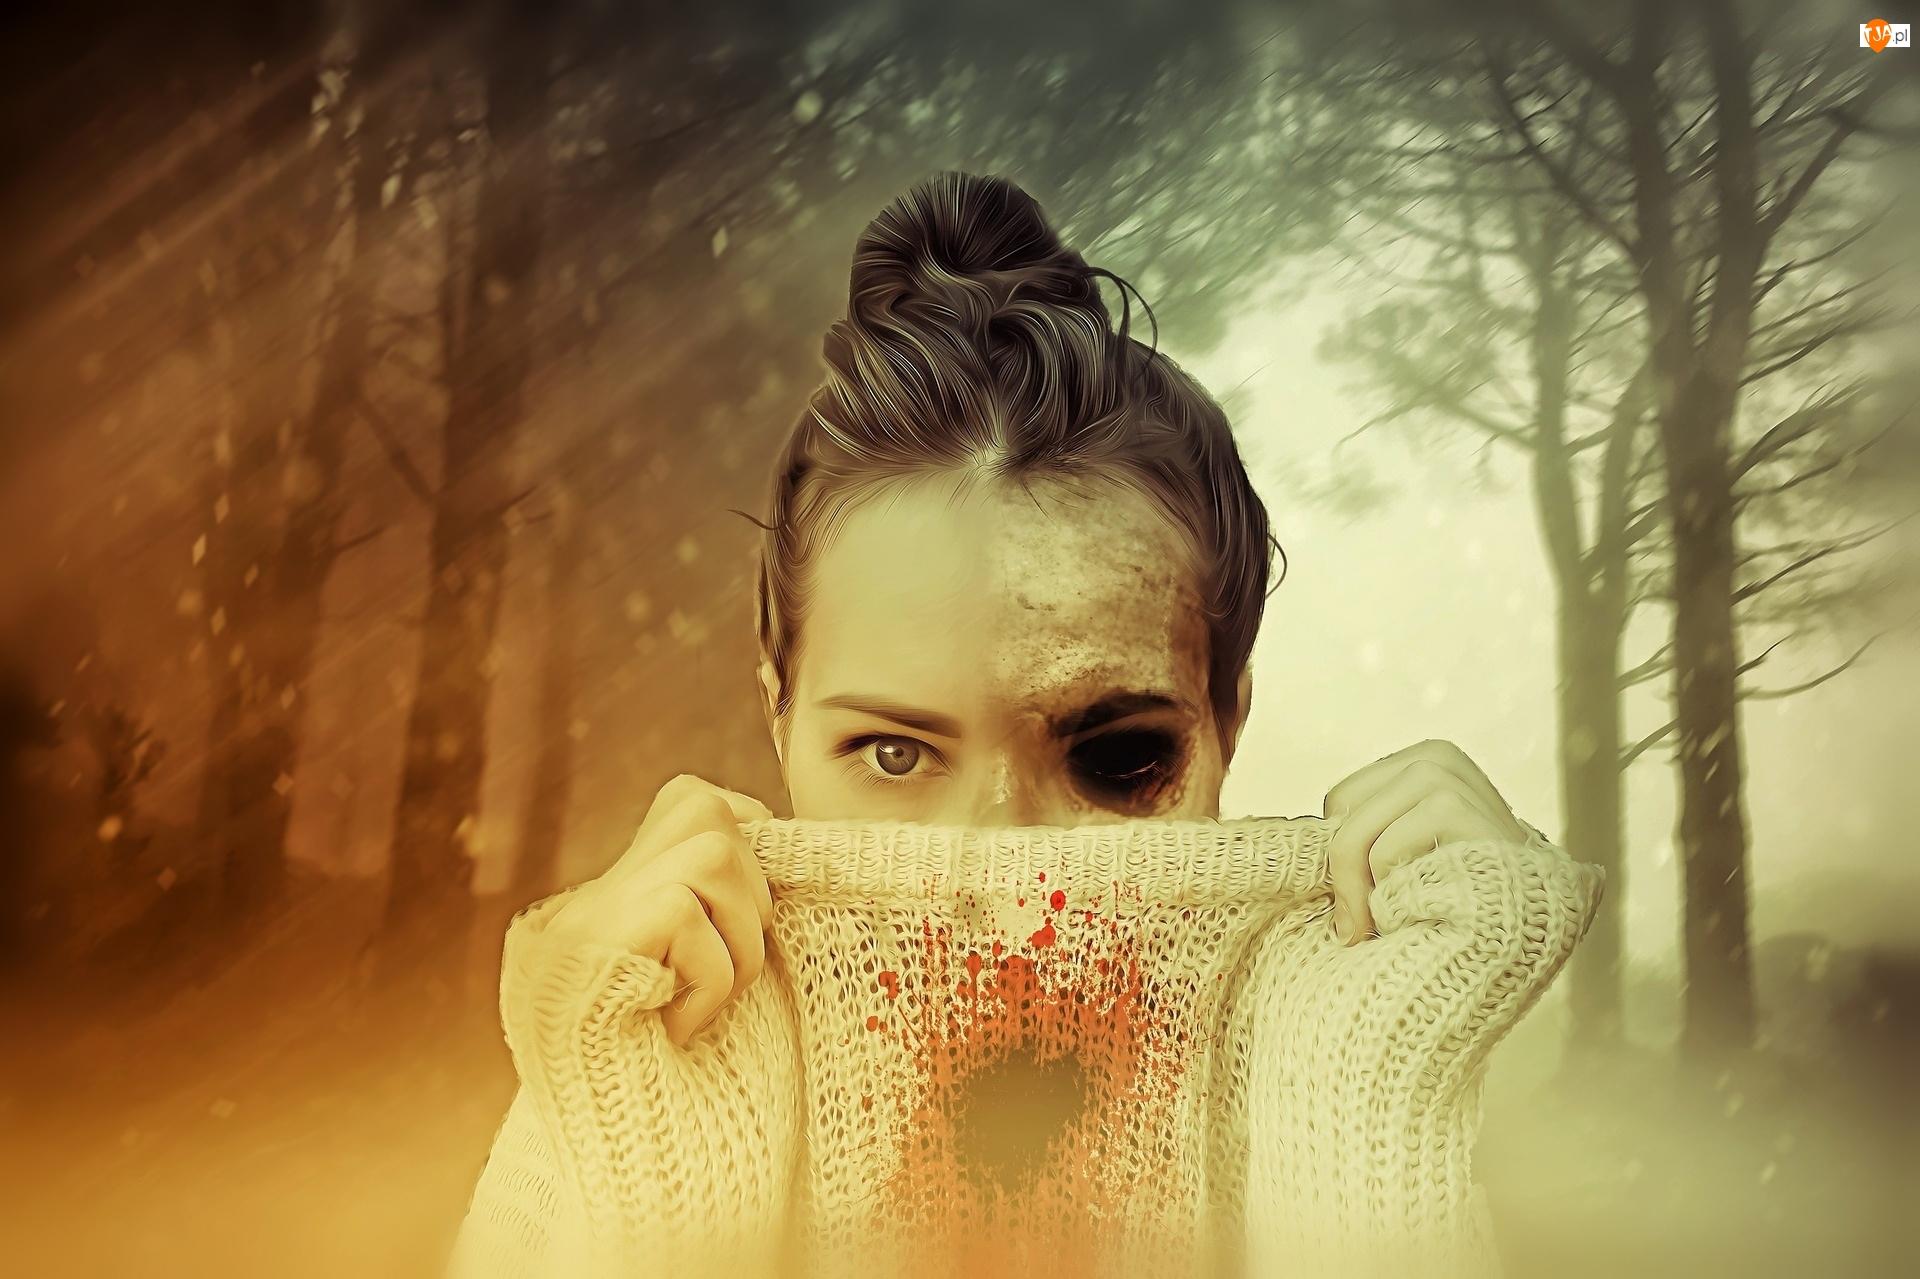 Grafika, Kobieta, Mroczne